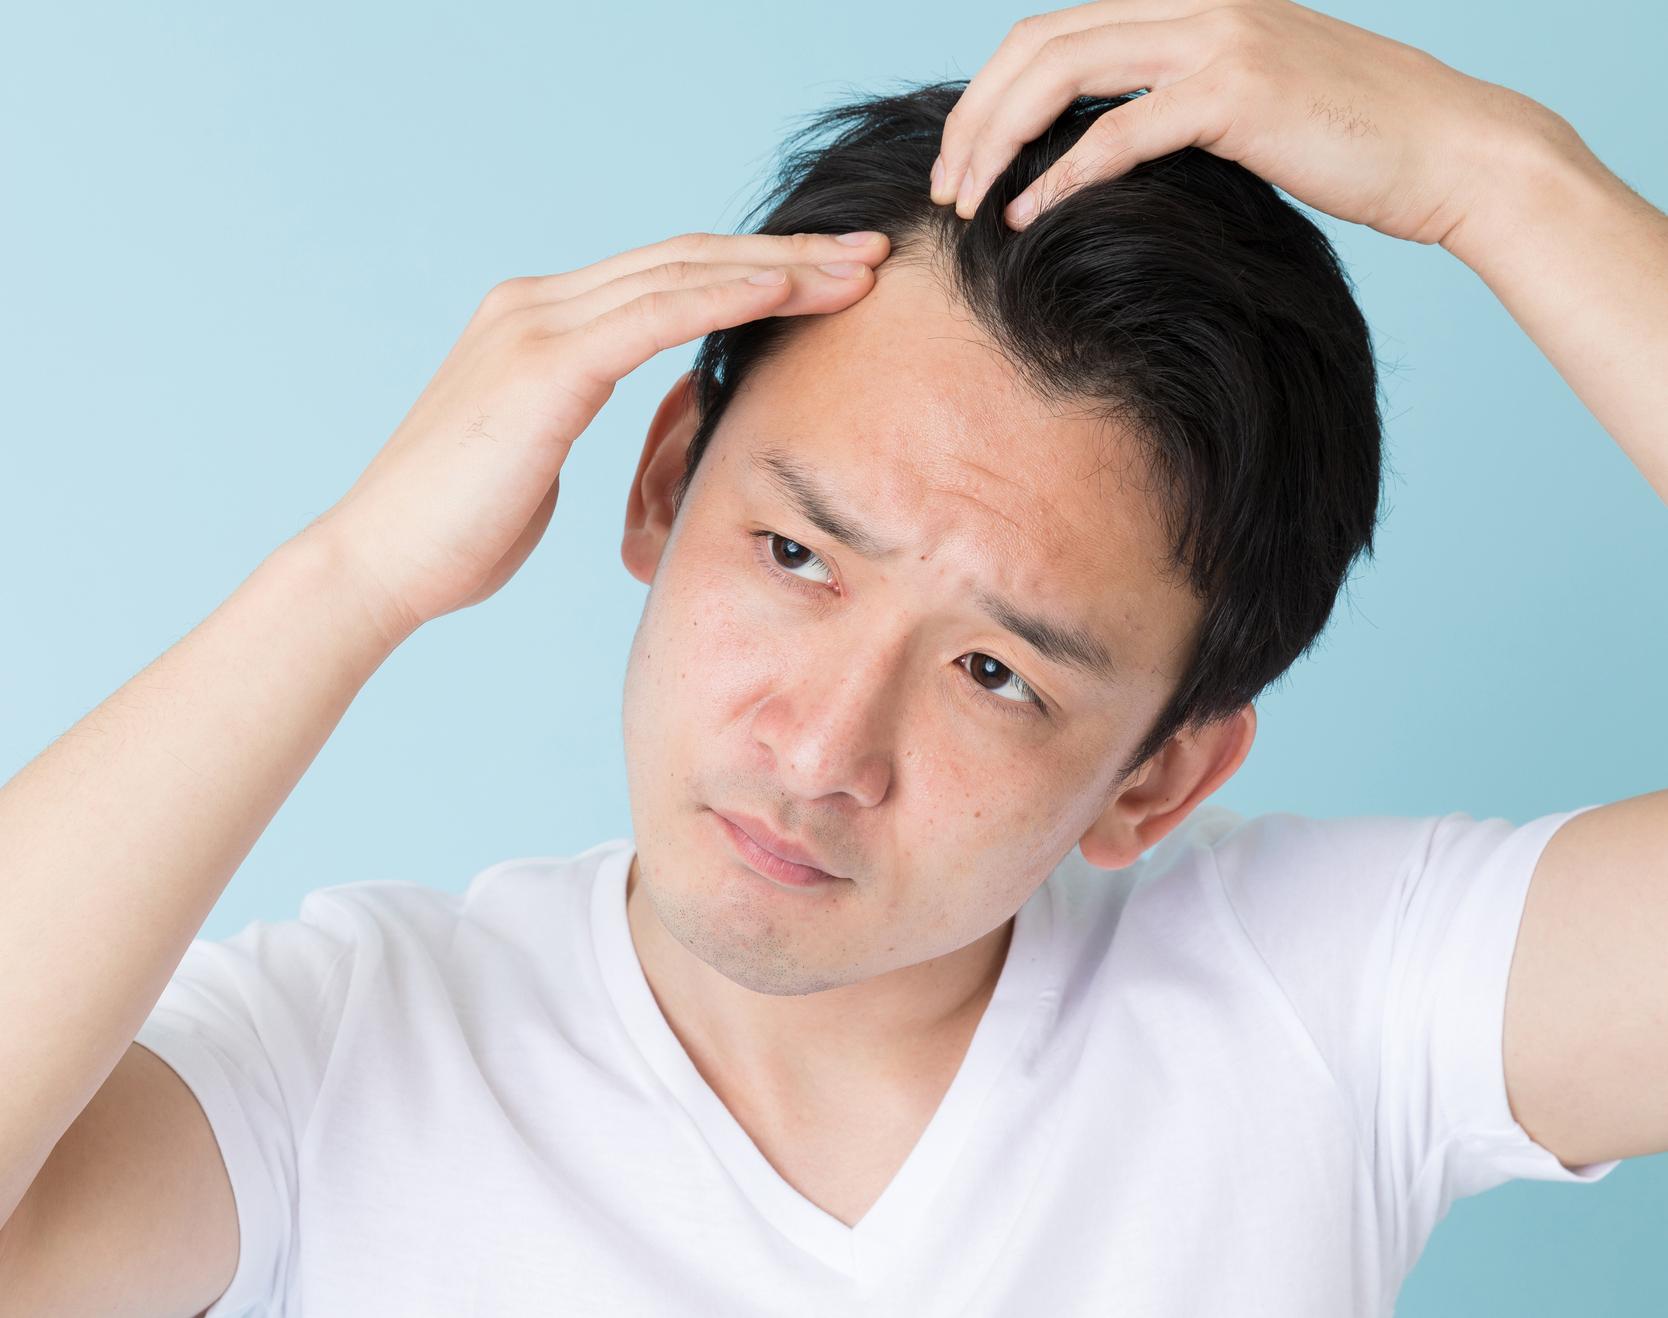 薄毛、抜け毛、生え際の後退……。発毛剤と育毛剤の違いを知って、正しいケアを!